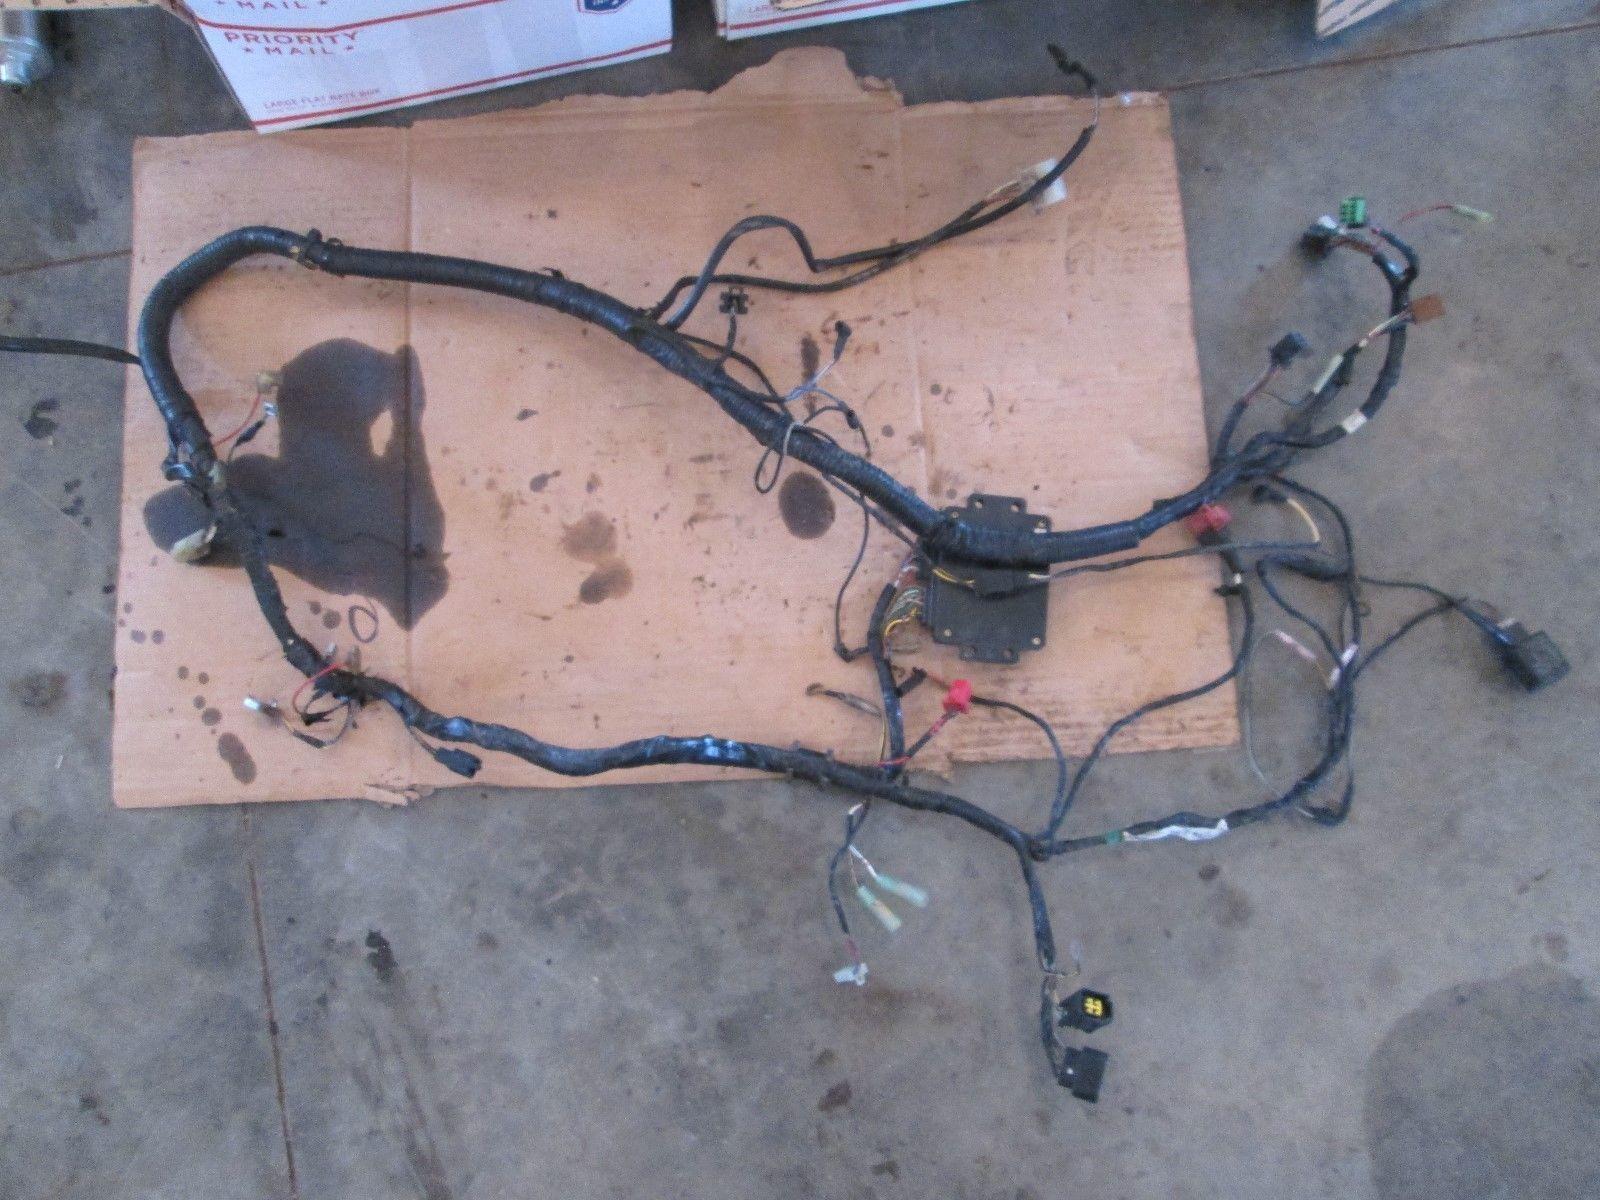 Kawasaki Zx7R Wiring Harness - Lir Wiring 101 on yamaha fz1 wiring diagram, honda rc51 wiring diagram, honda cbr600rr wiring diagram, zx7r wiring diagram, kawasaki zx7 specifications, honda st1100 wiring diagram, honda cbr900 wiring diagram,